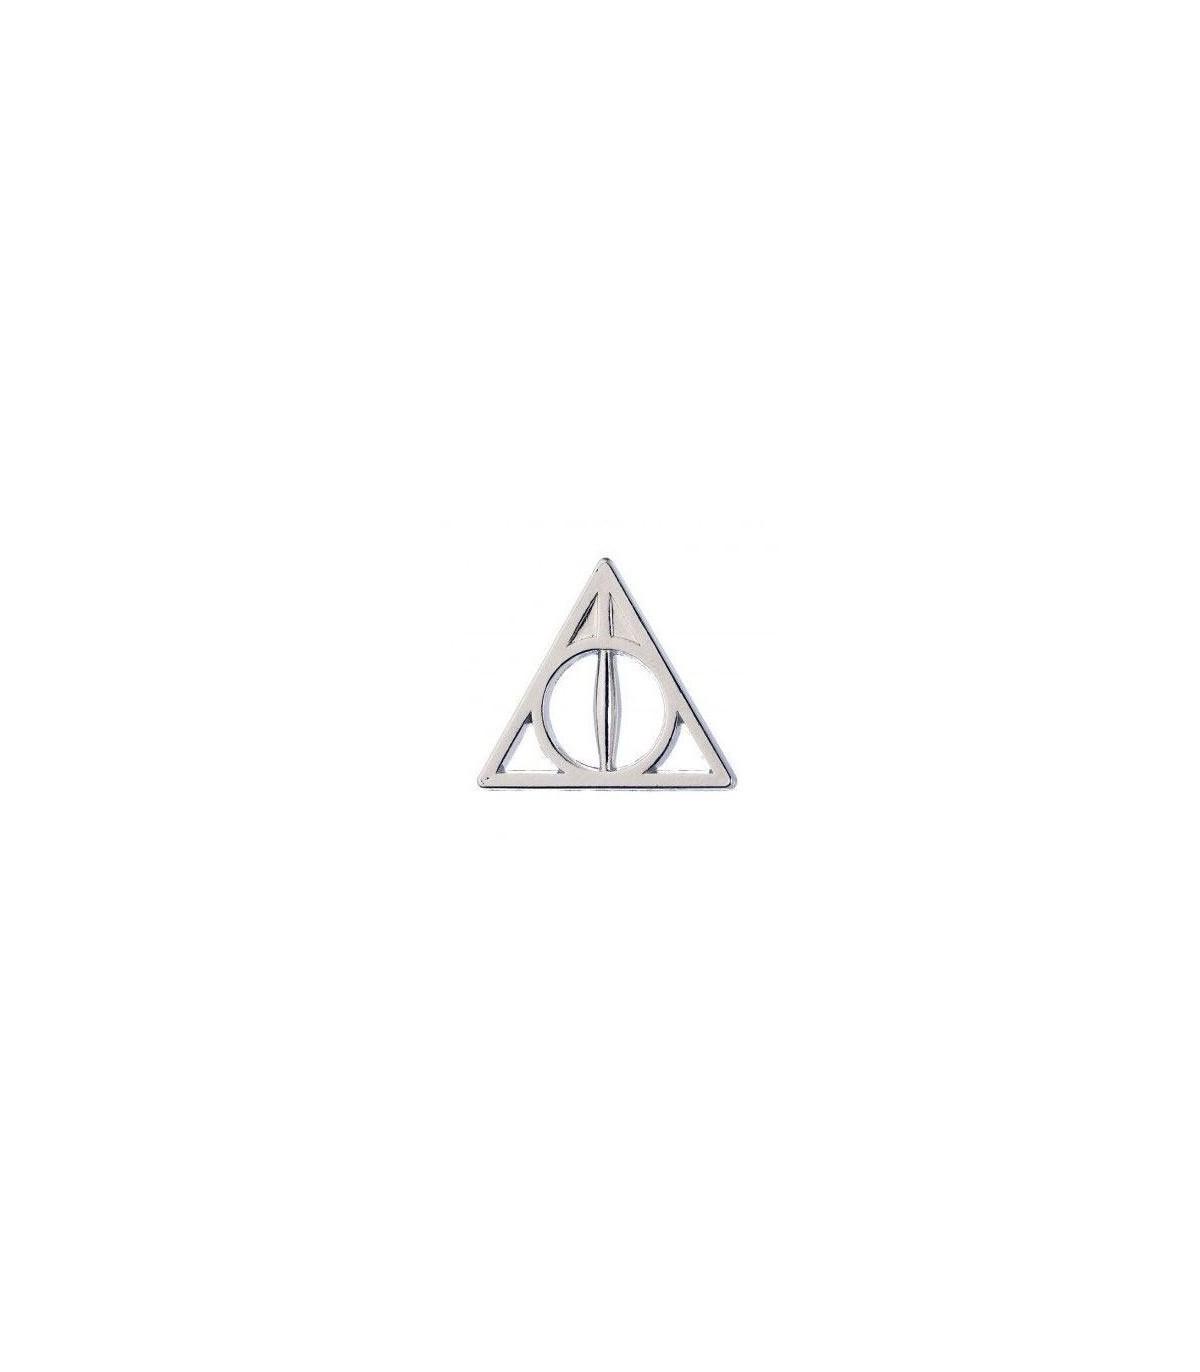 pin simbolo de las reliquias de la muerte harry potter pin simbolo de las reliquias de la muerte harry potter